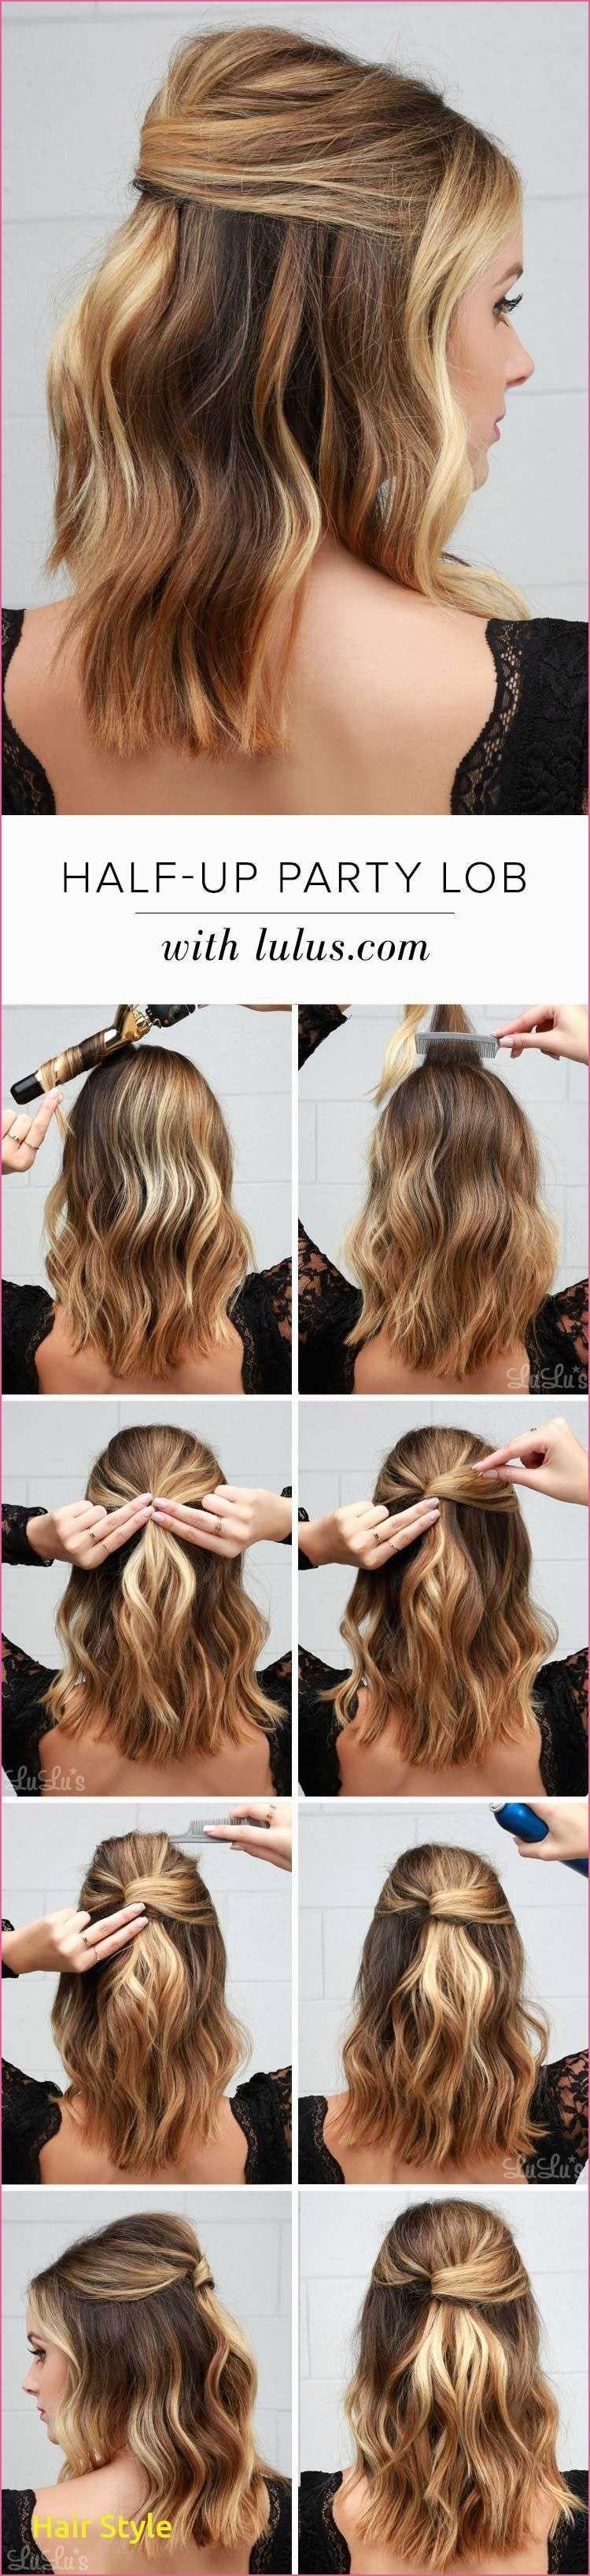 Frisuren Lang 2019 Frisuren Lang 2019 Frisuren Lang 2019 Die Schnsten Trendfrisuren Manner Frisur La Party Hairstyles Medium Hair Styles Medium Hair Styles